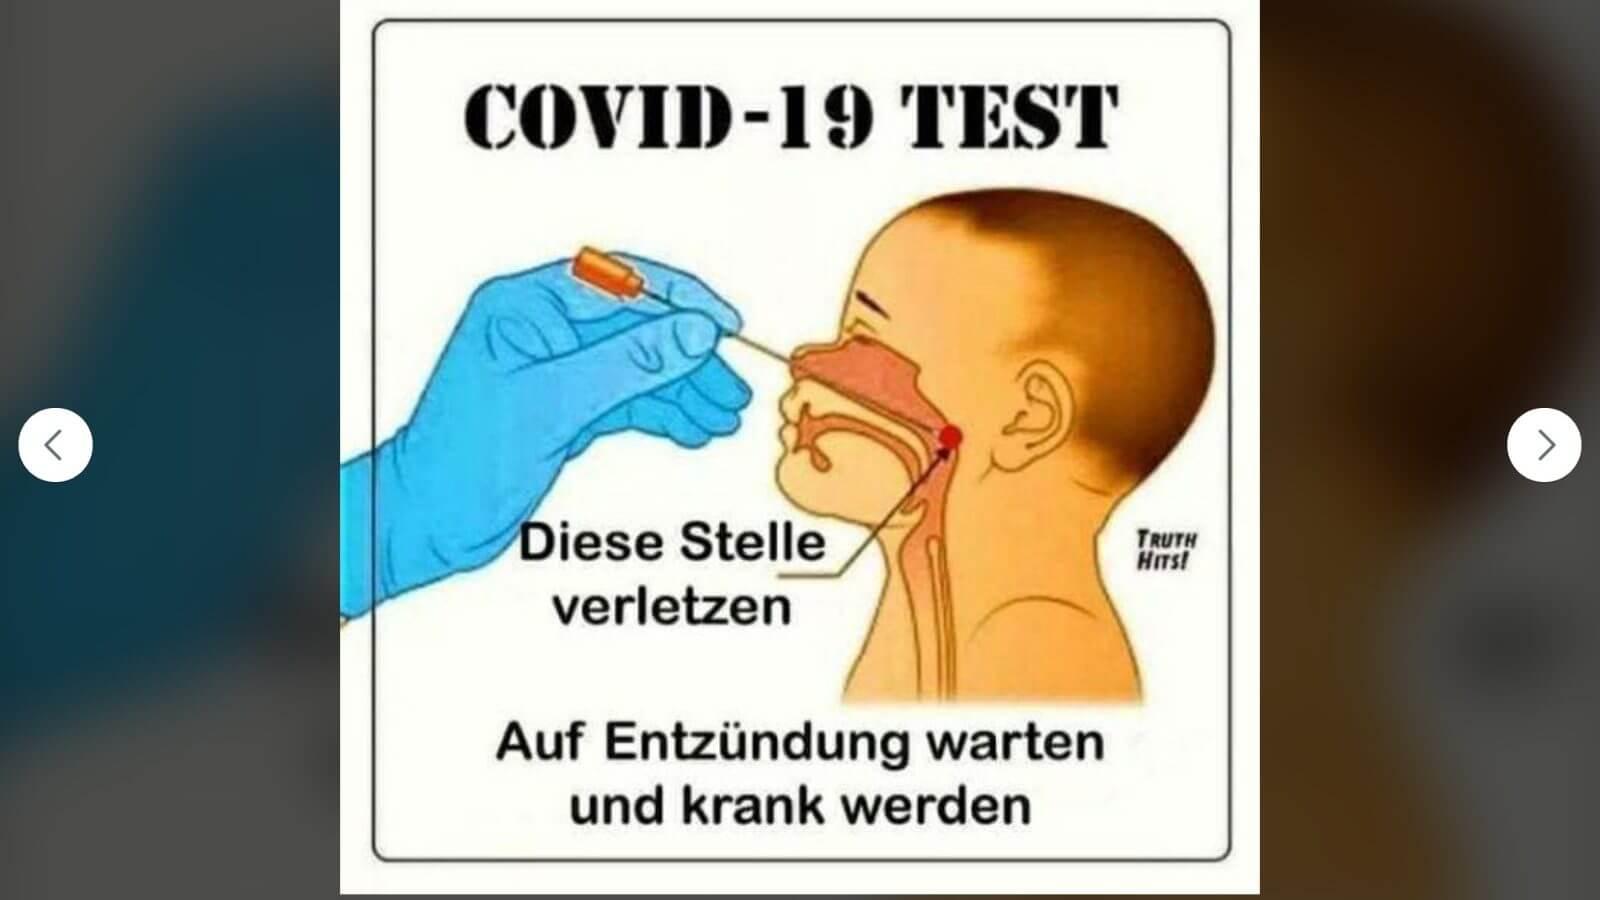 Diese Grafik verbreitet sich auf Facebook mit der Behauptung, ein PCR-Test könne Krankheiten und Entzündungen verursachen. Das stimmt nicht.